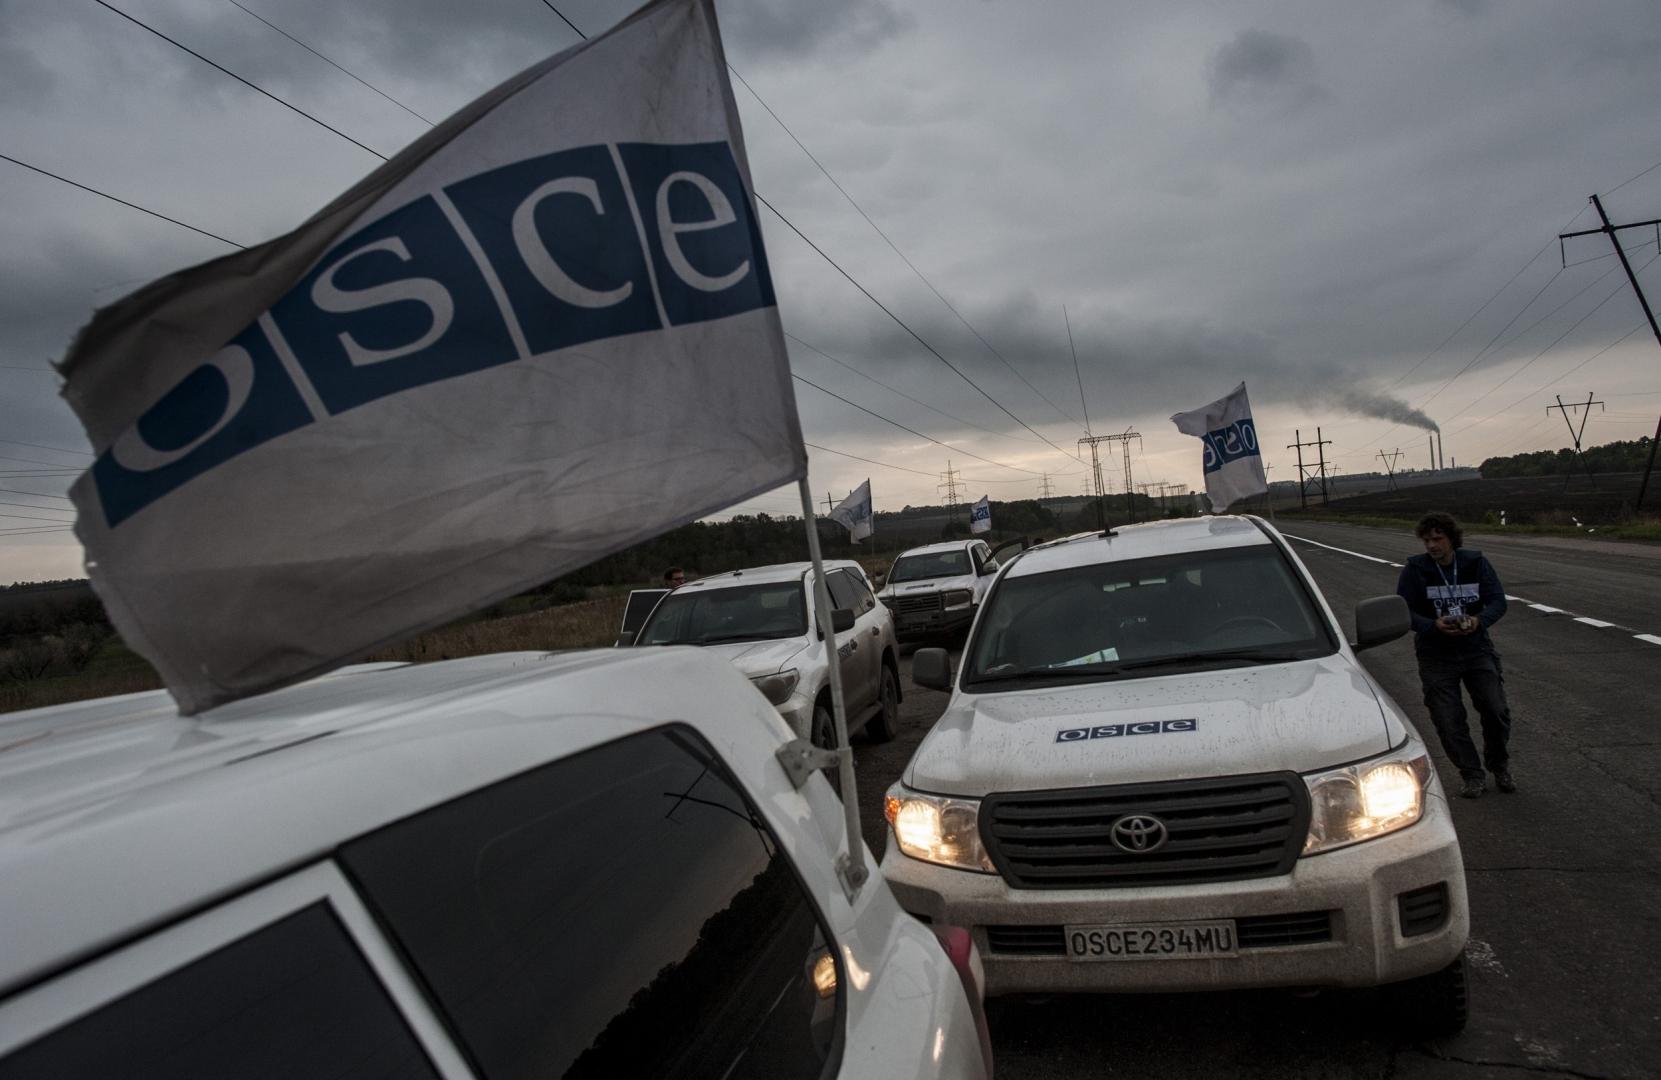 ОБСЕ подтвердила блокирование Украиной решений Контактной группы по Донбассу